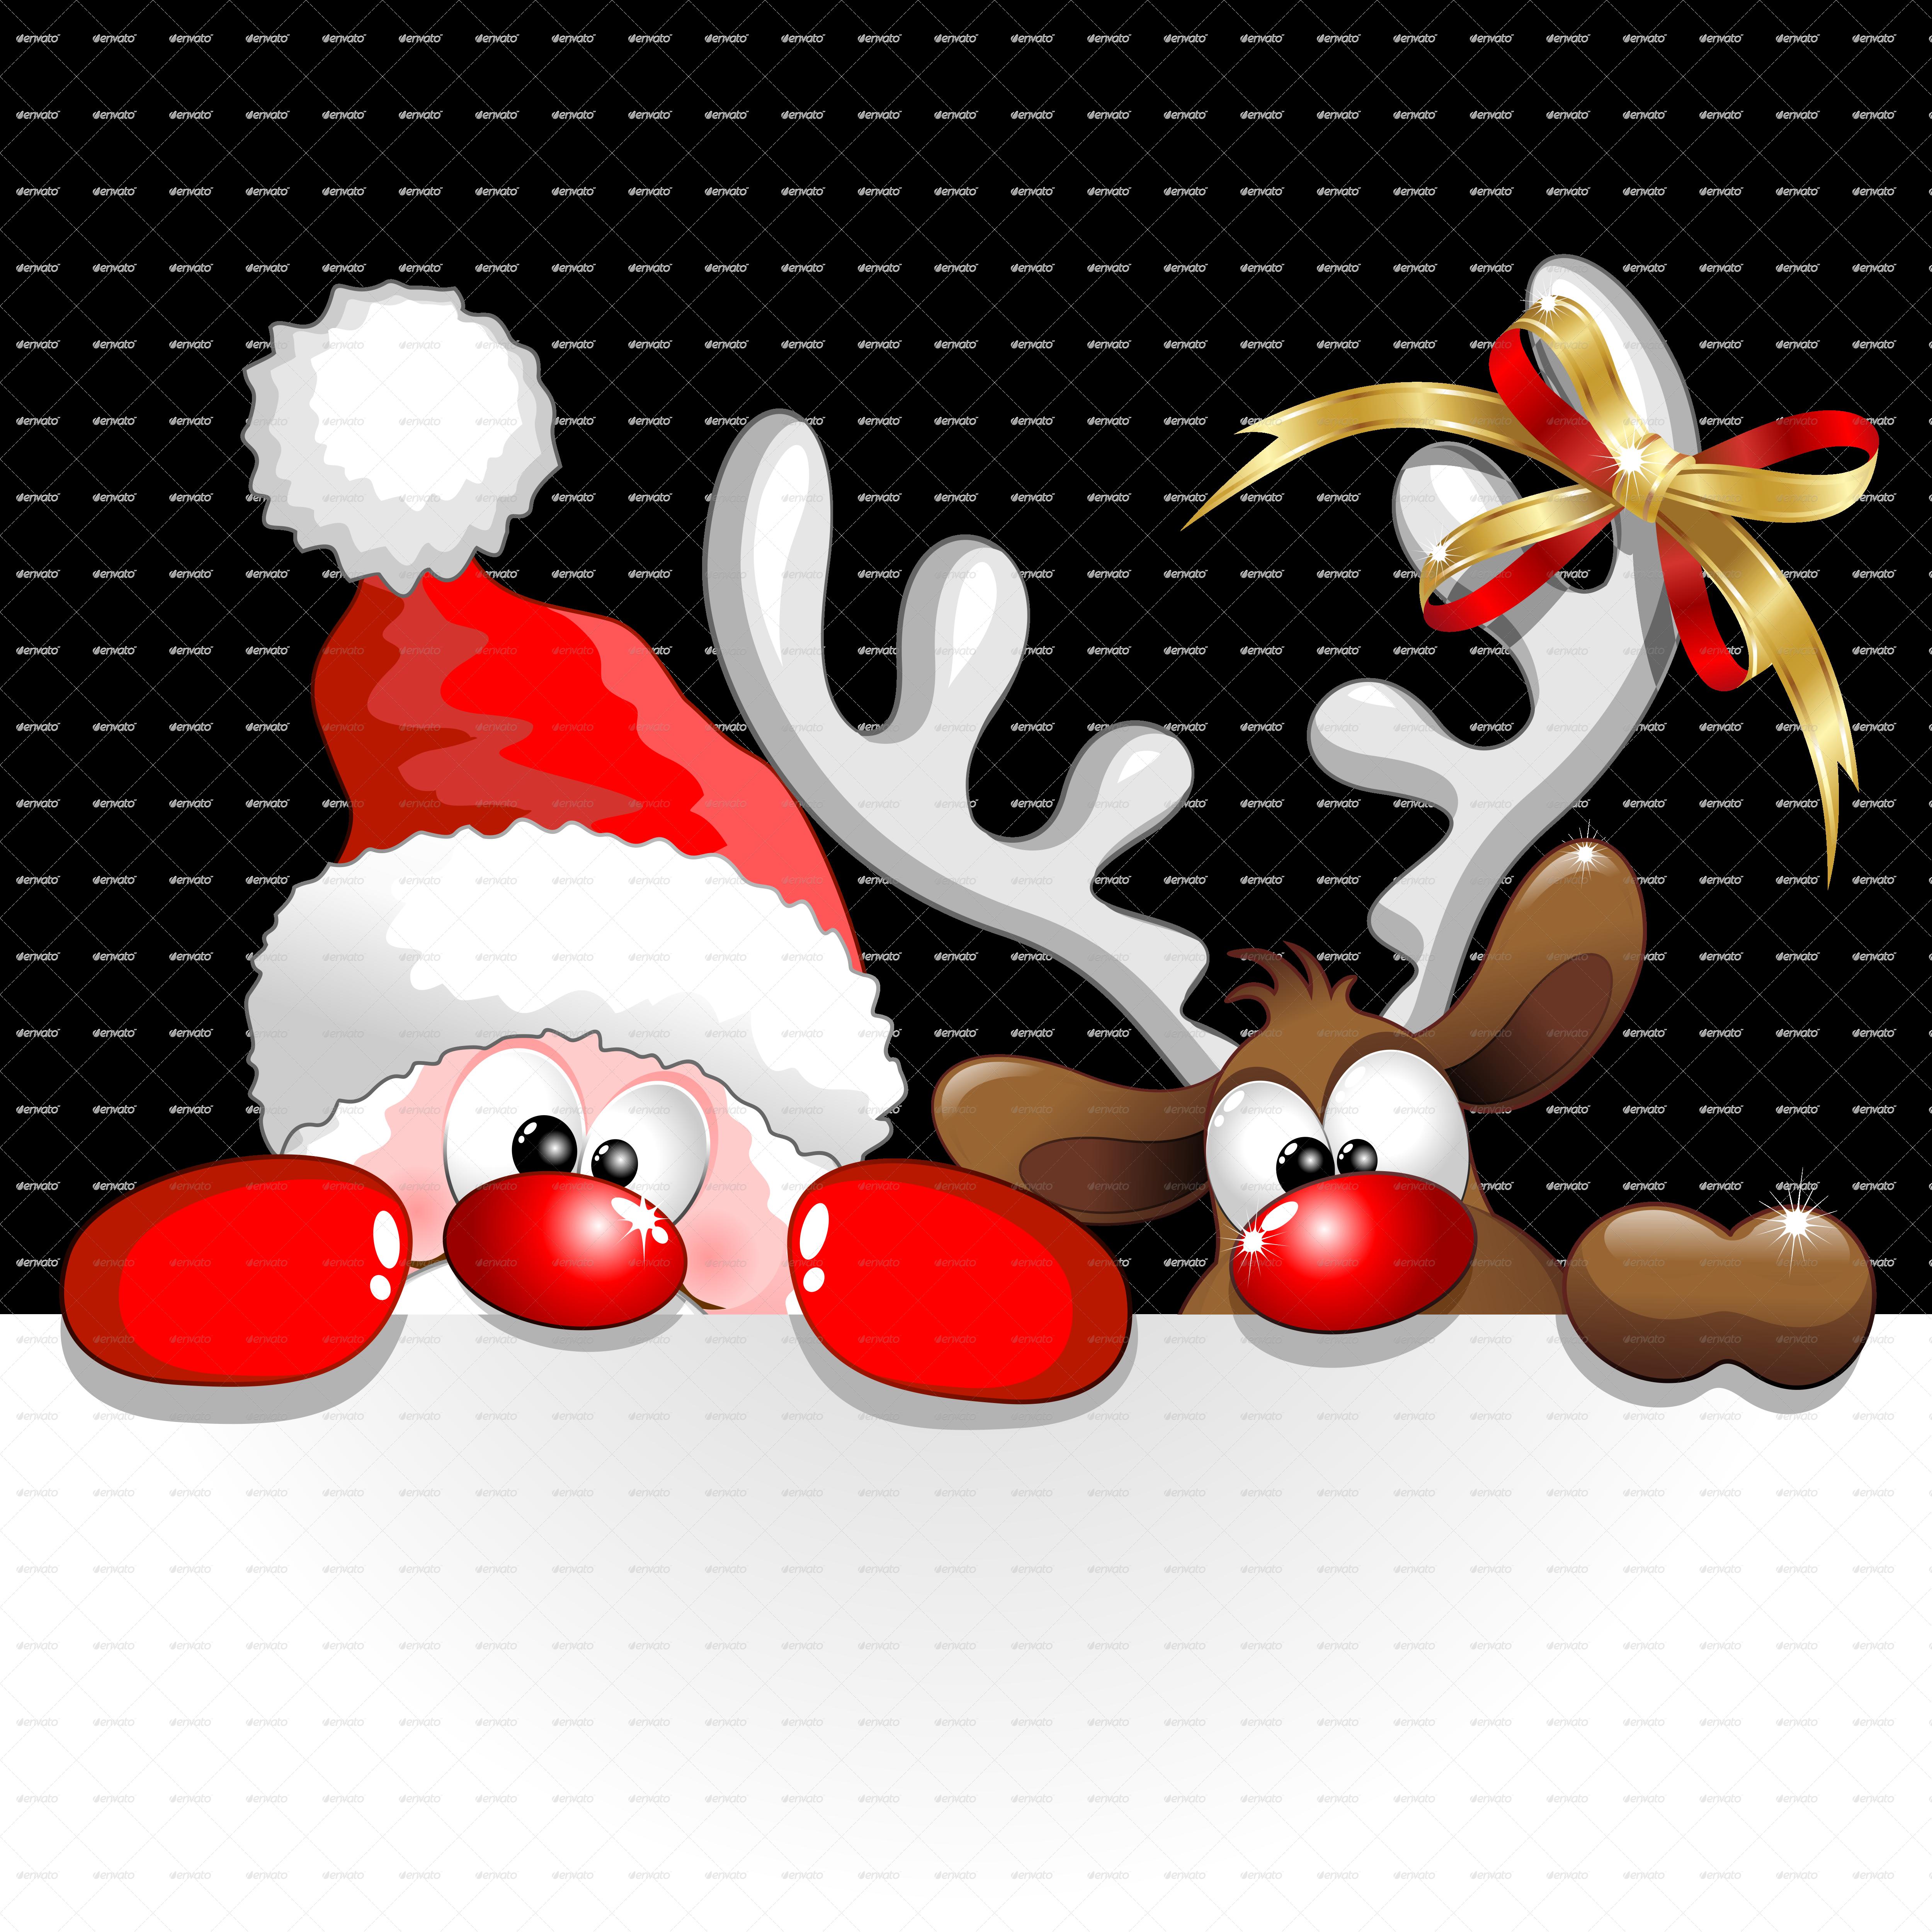 buy christmas santa and reindeer cartoon by bluedarkat on graphicriver santa and reindeer cartoon with - Christmas Santa Reindeer